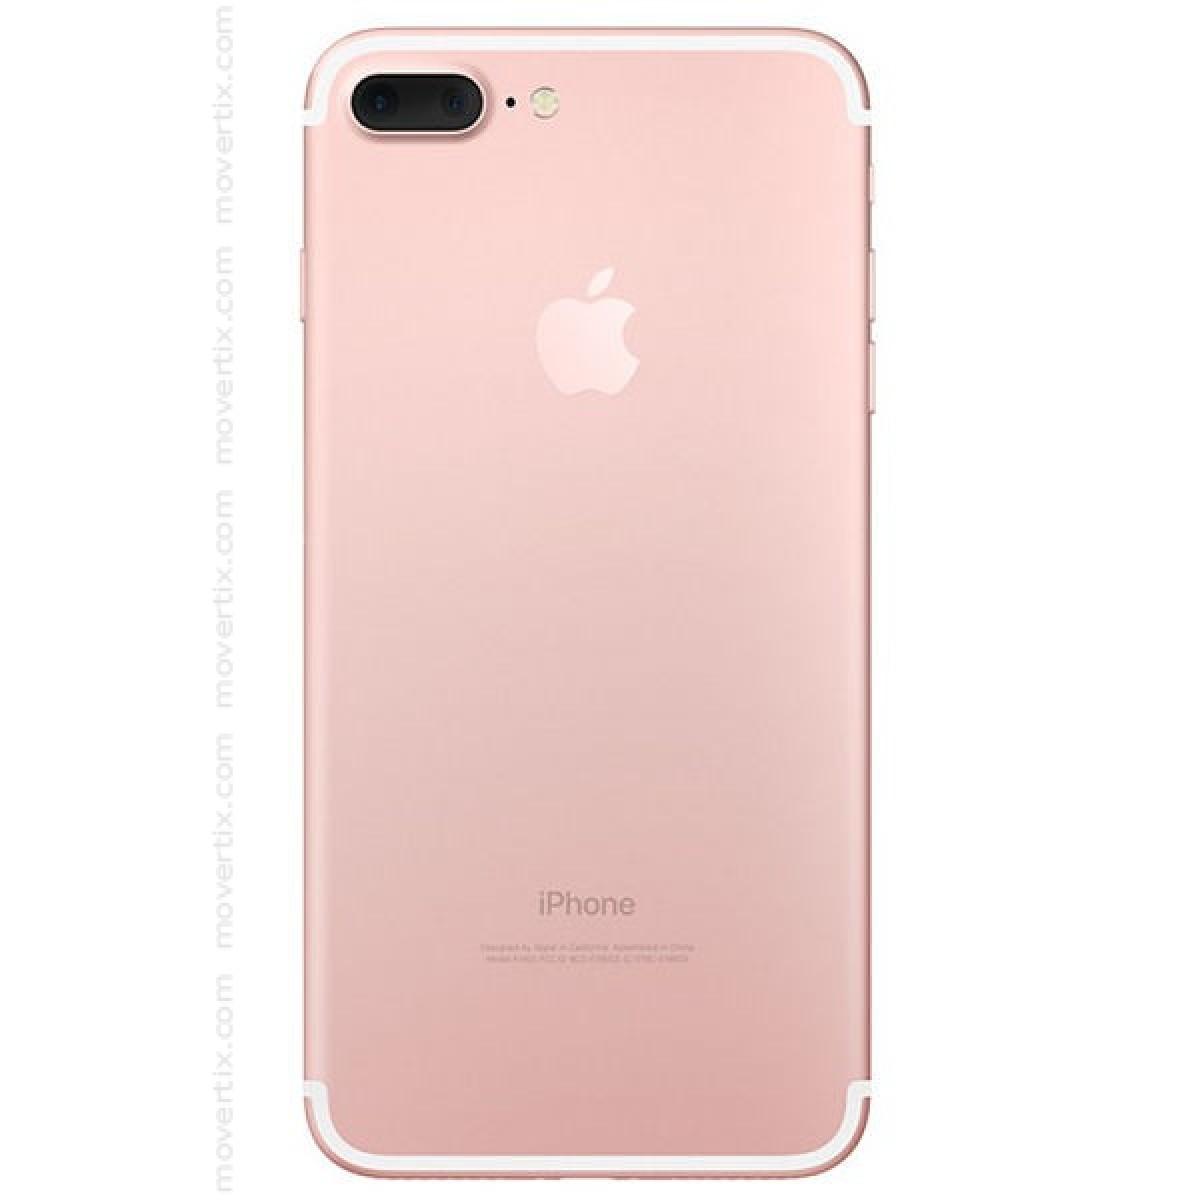 cellulari iphone 7 Plus